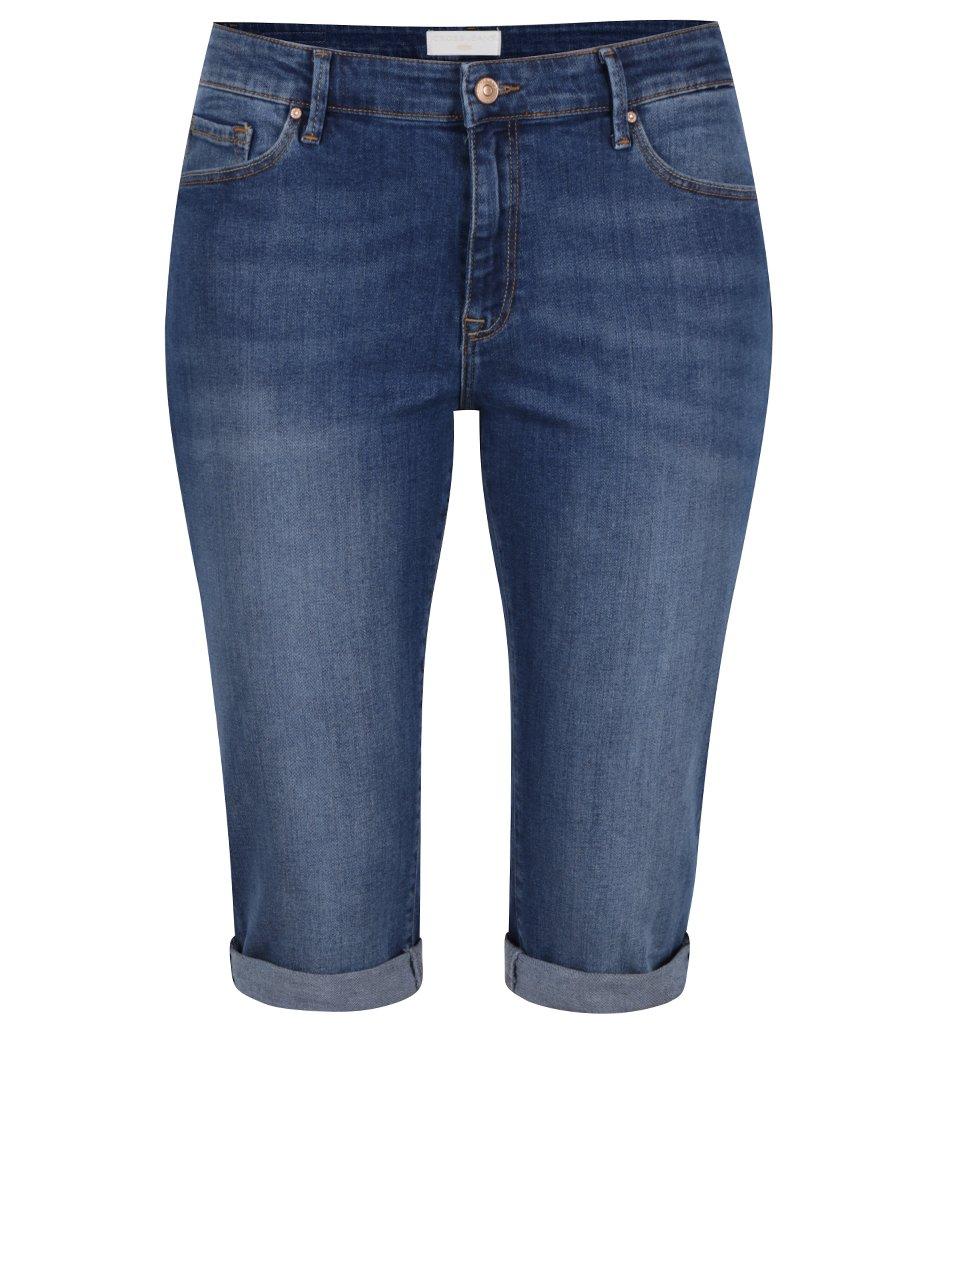 Modré dámské džínové kraťasy nad kolena Cross Jeans